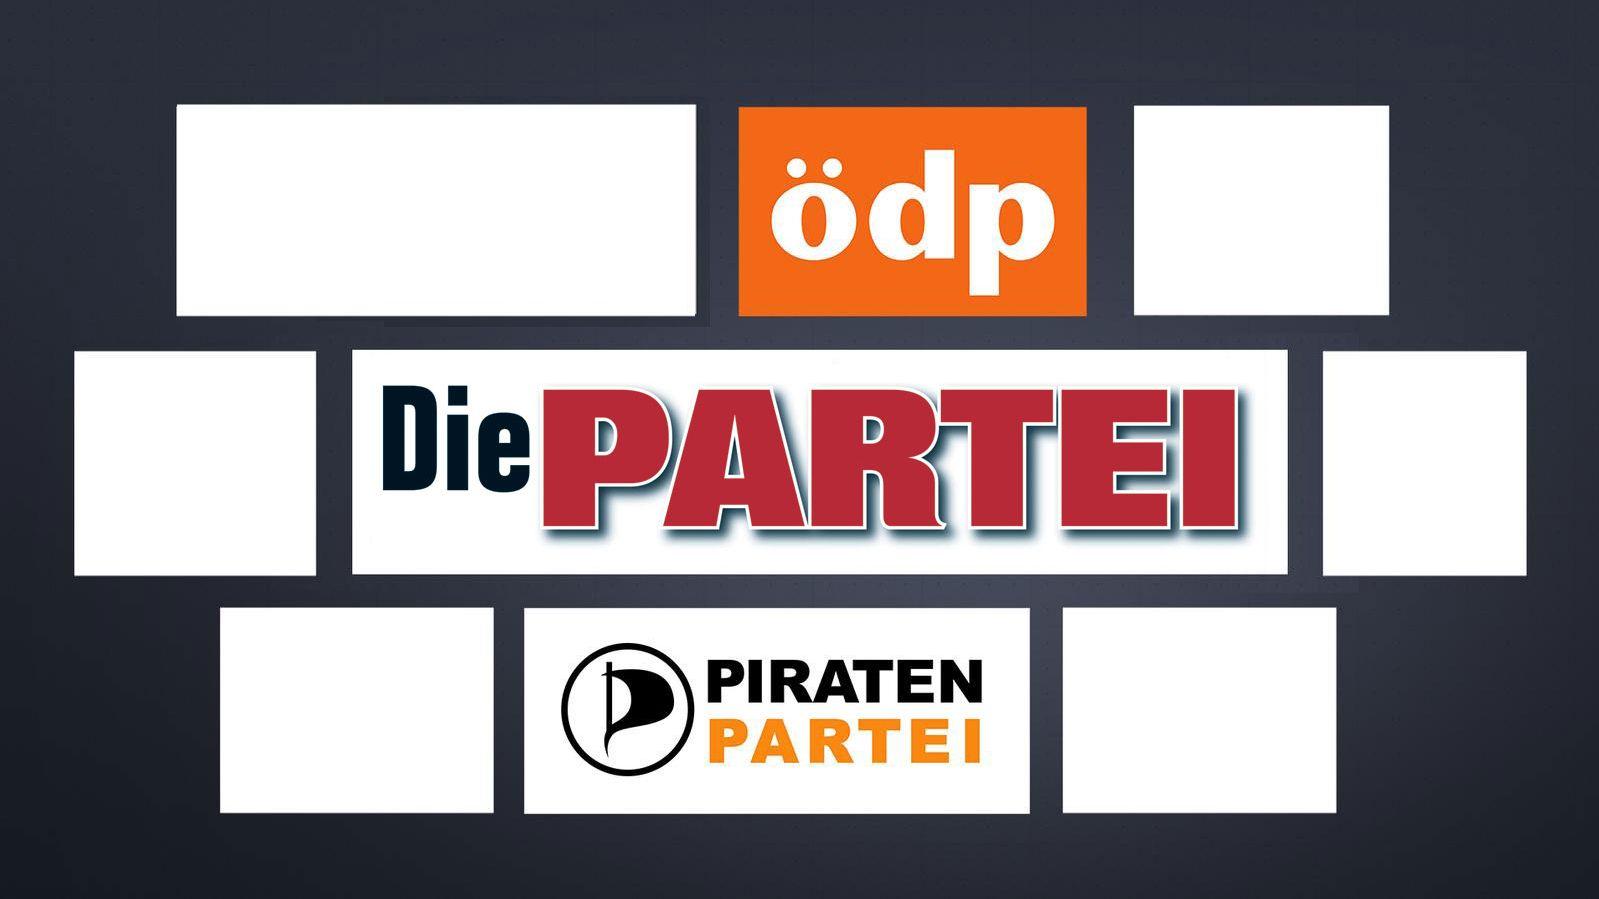 Logos der Parteien ödp, DIE PARTEI und Piratenpartei